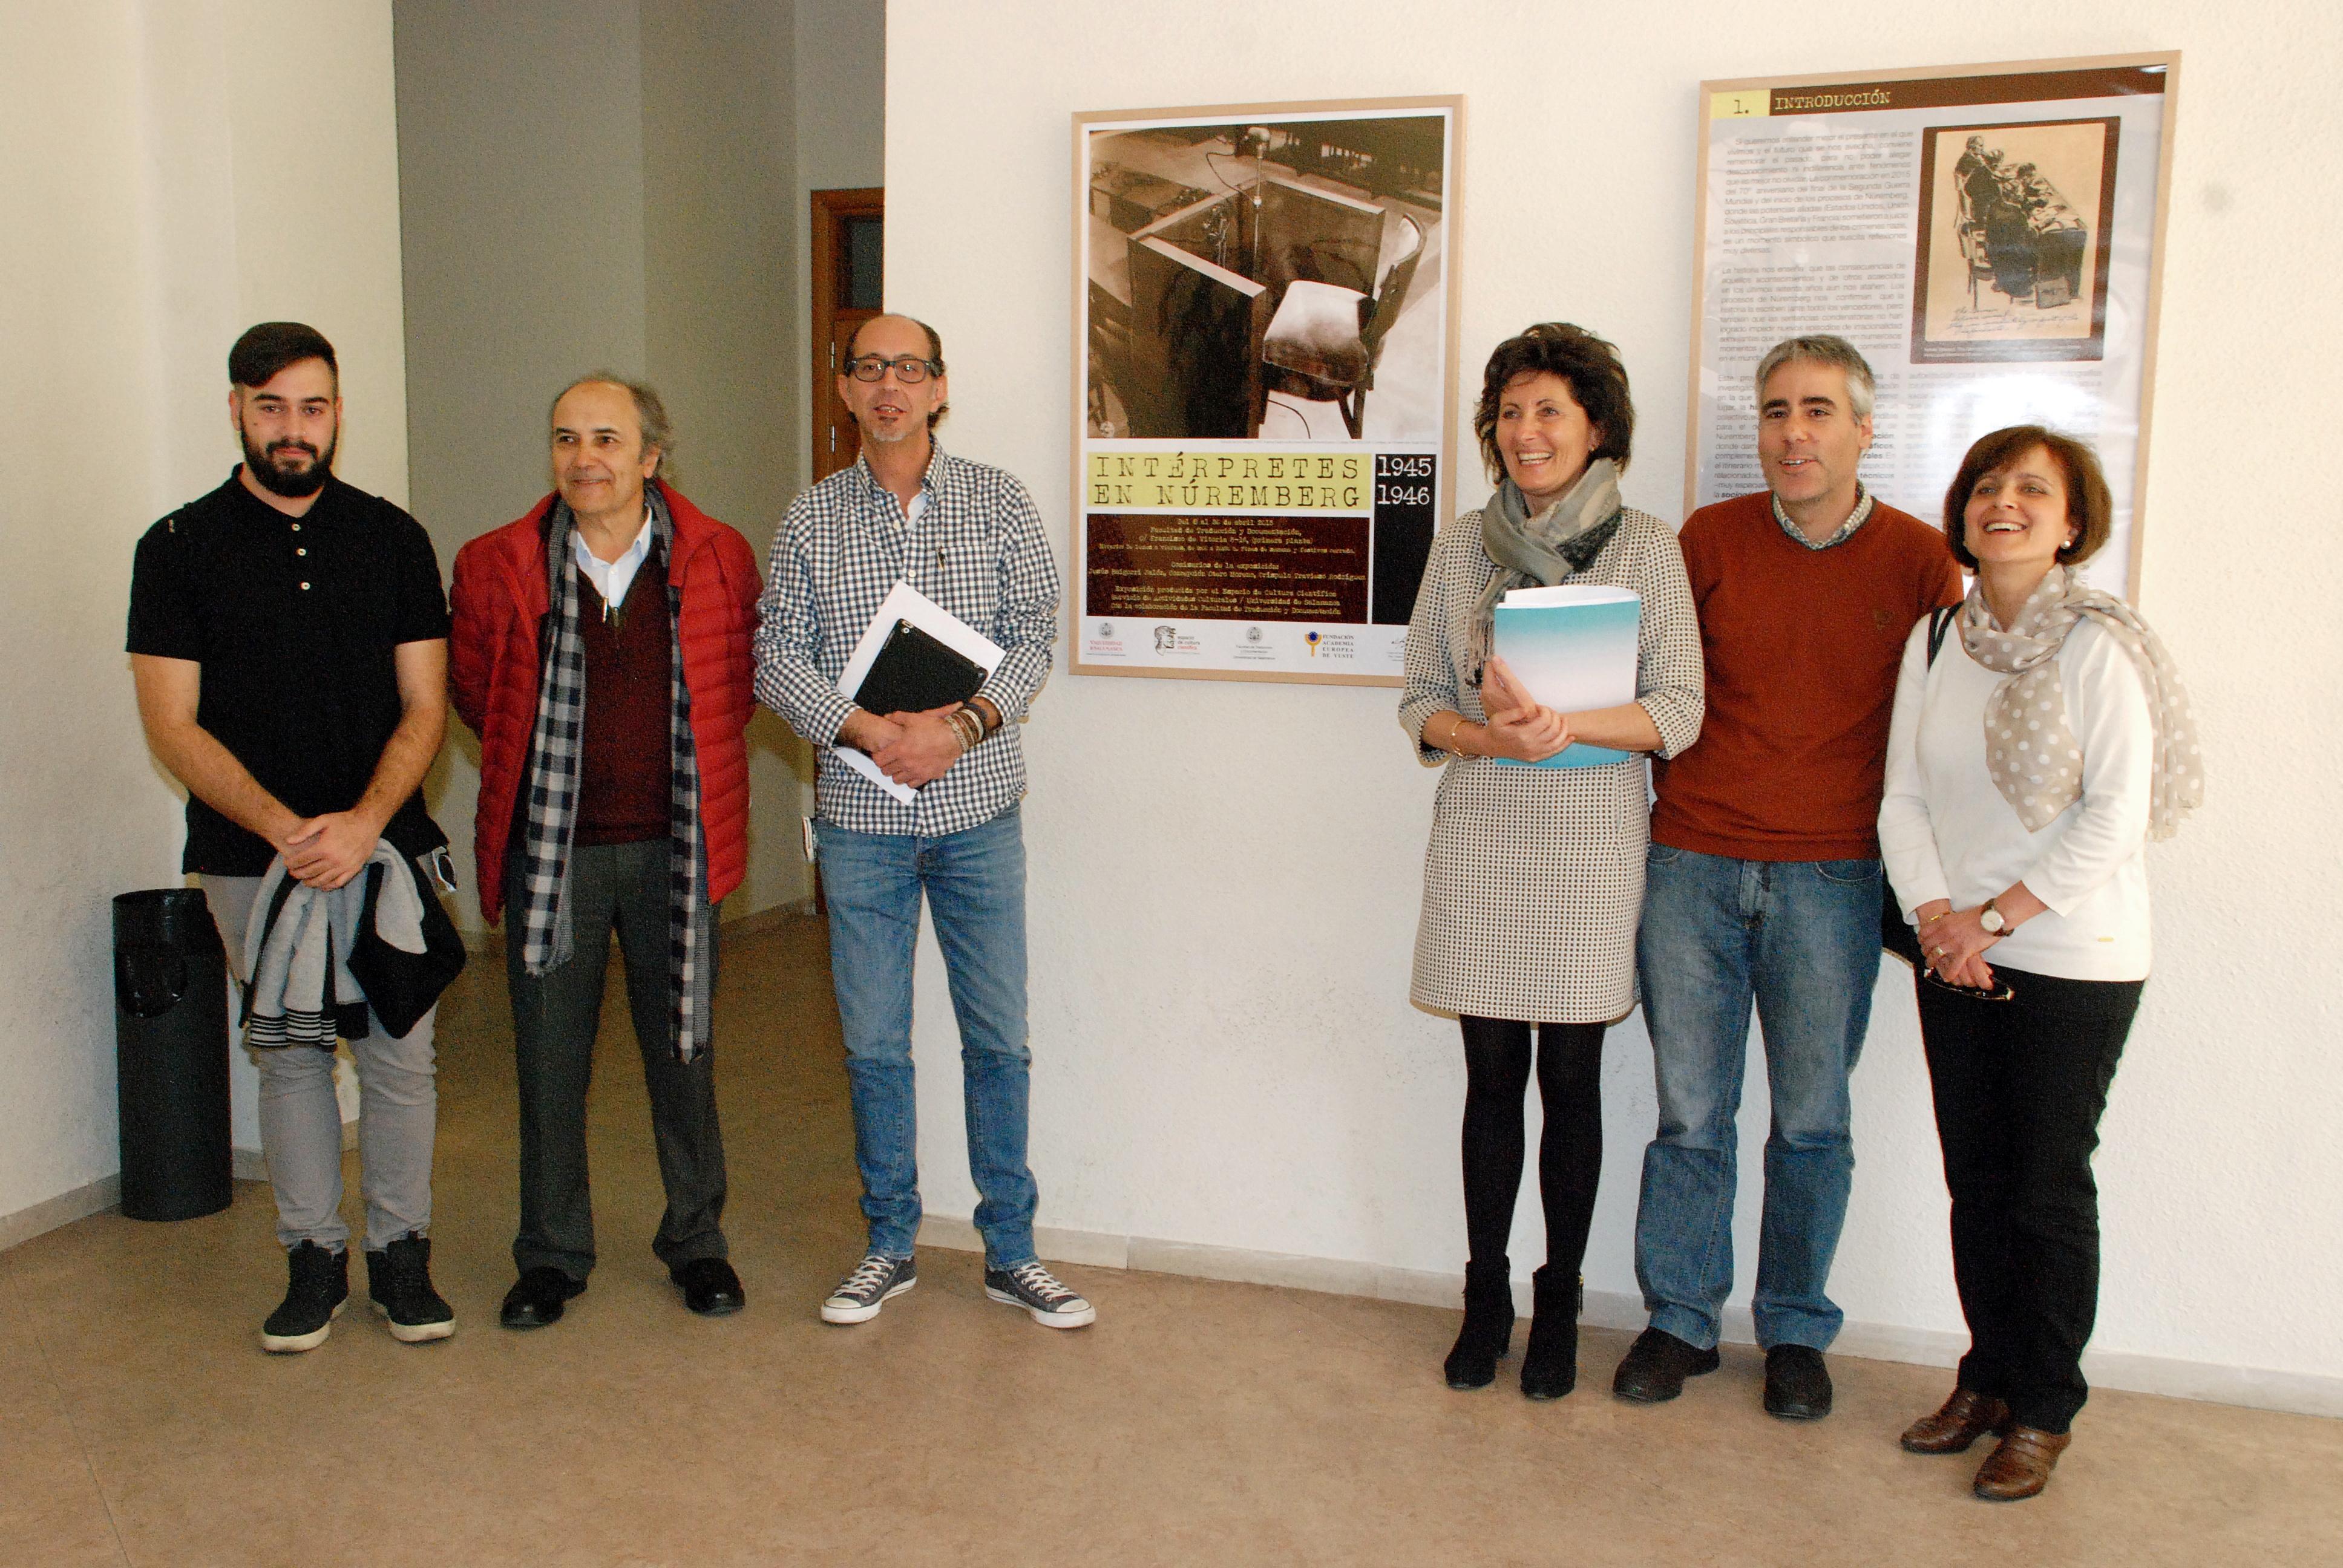 Actividades Culturales rememora el final de la Segunda Guerra Mundial con la exposición 'Intérpretes en Núremberg 1945-1946'